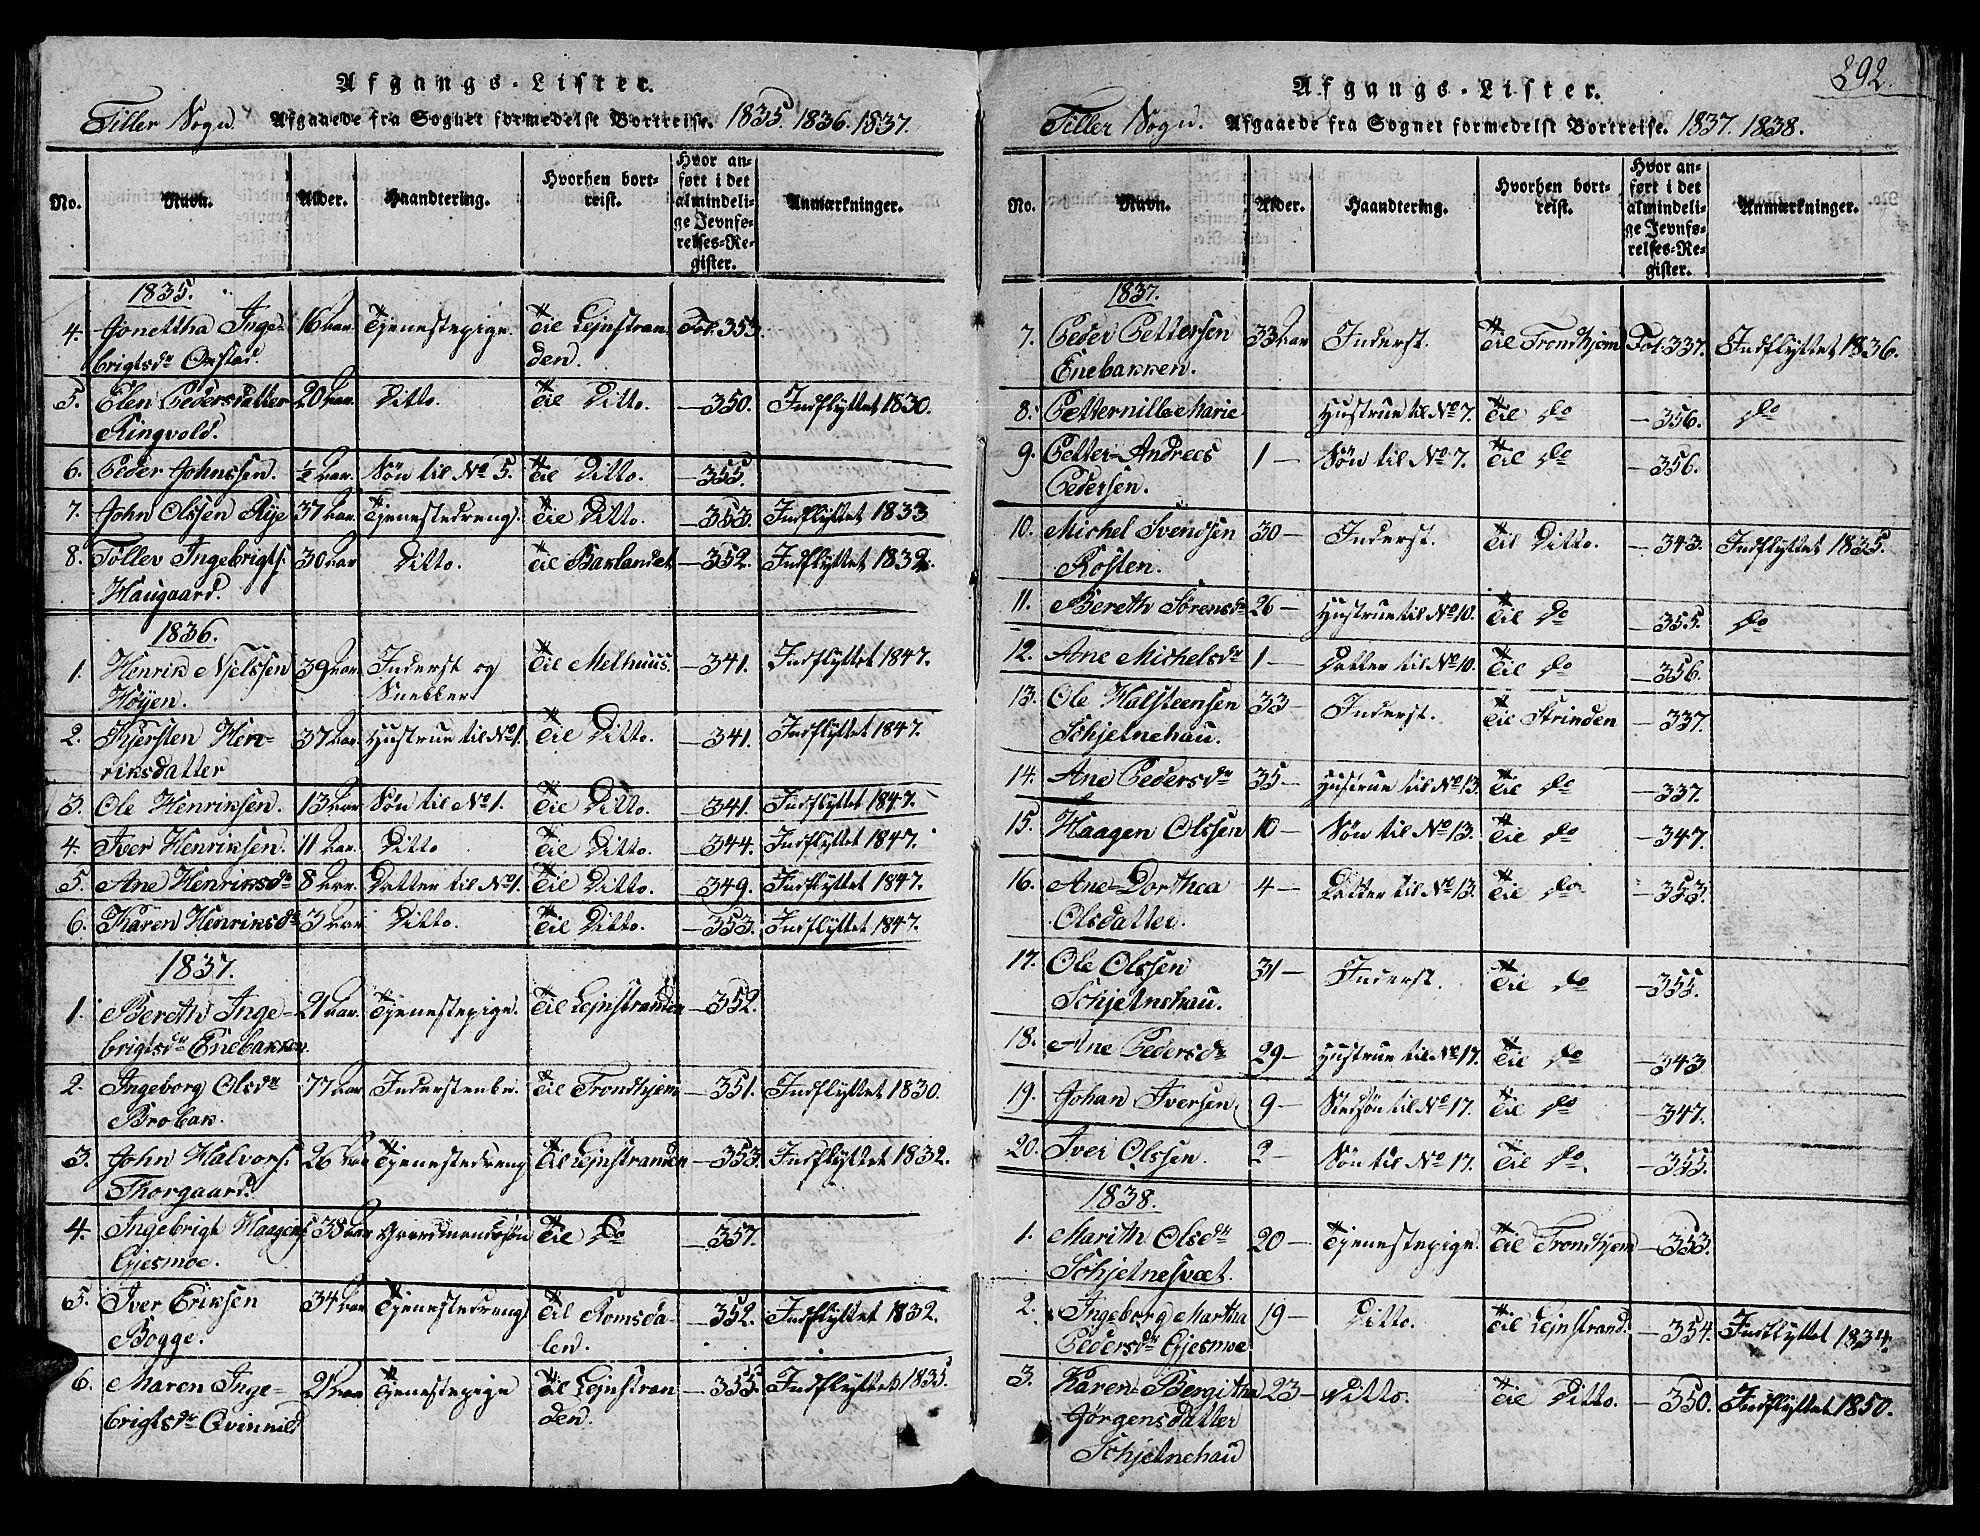 SAT, Ministerialprotokoller, klokkerbøker og fødselsregistre - Sør-Trøndelag, 621/L0458: Klokkerbok nr. 621C01, 1816-1865, s. 292